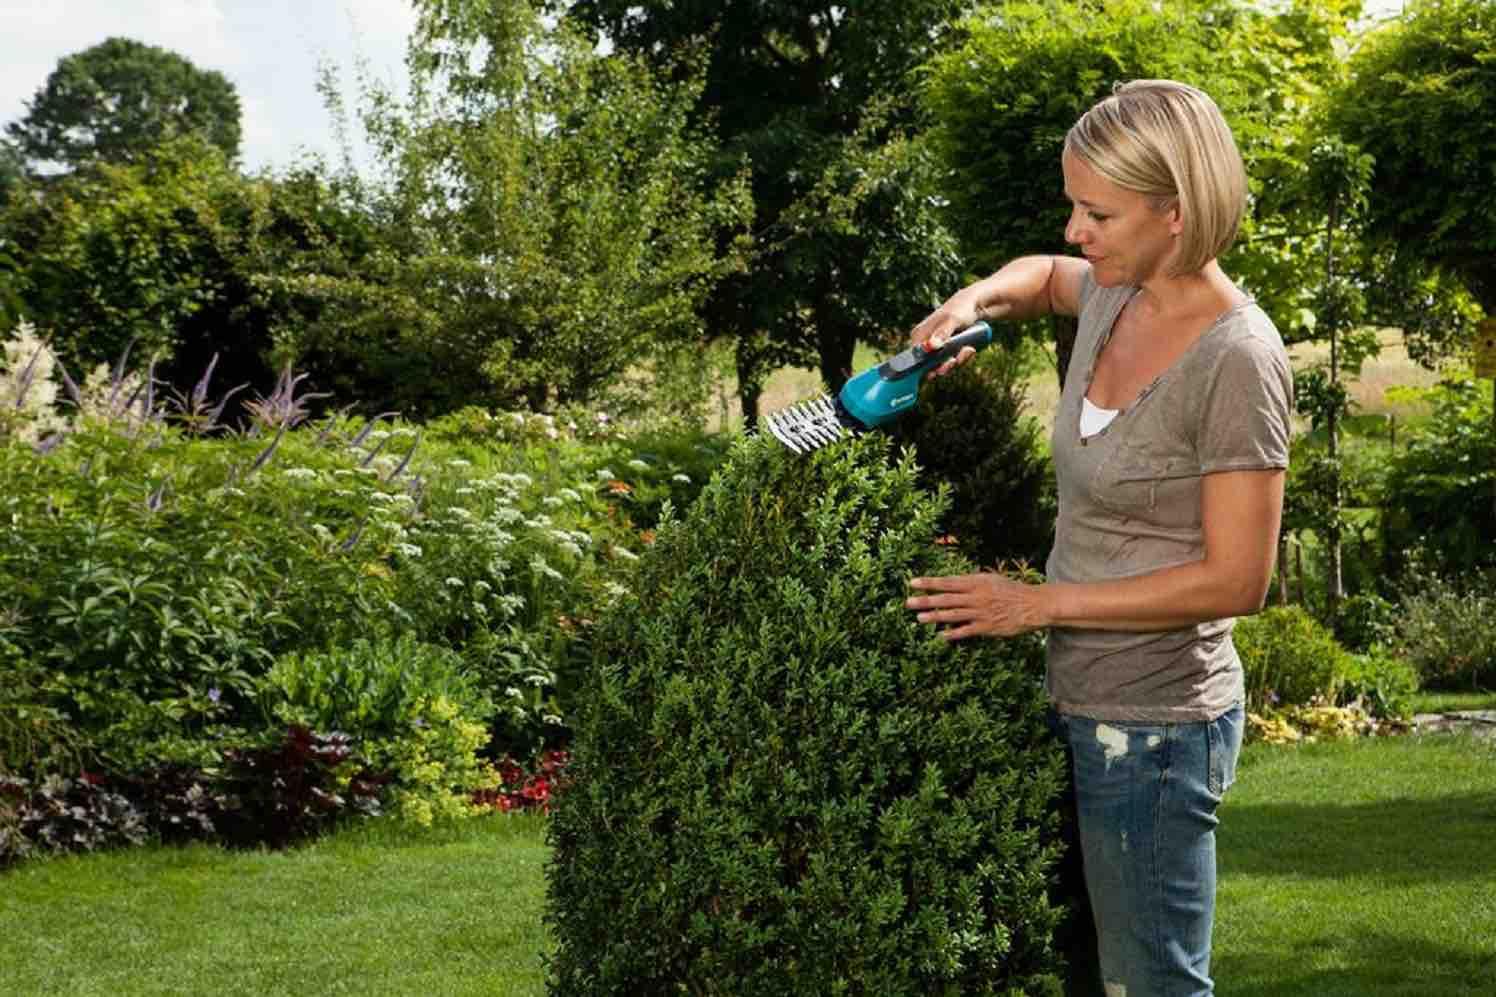 buxusschaar van gardena, snoeien